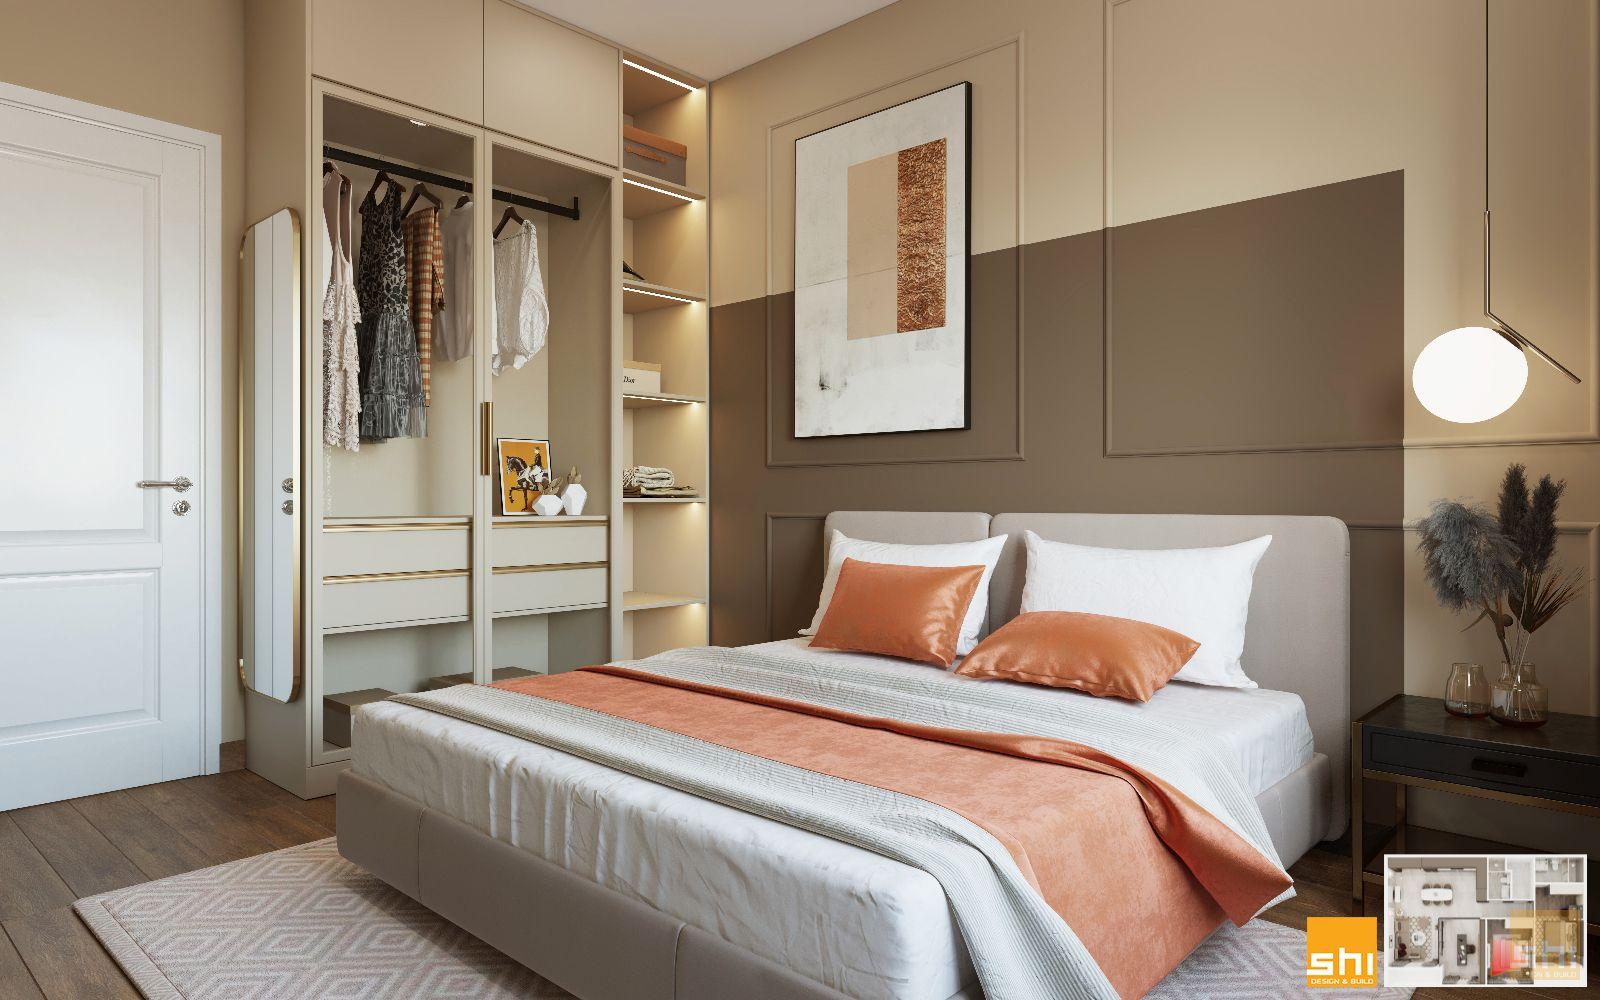 thiết kế nội thất 3 phòng ngủ - 08